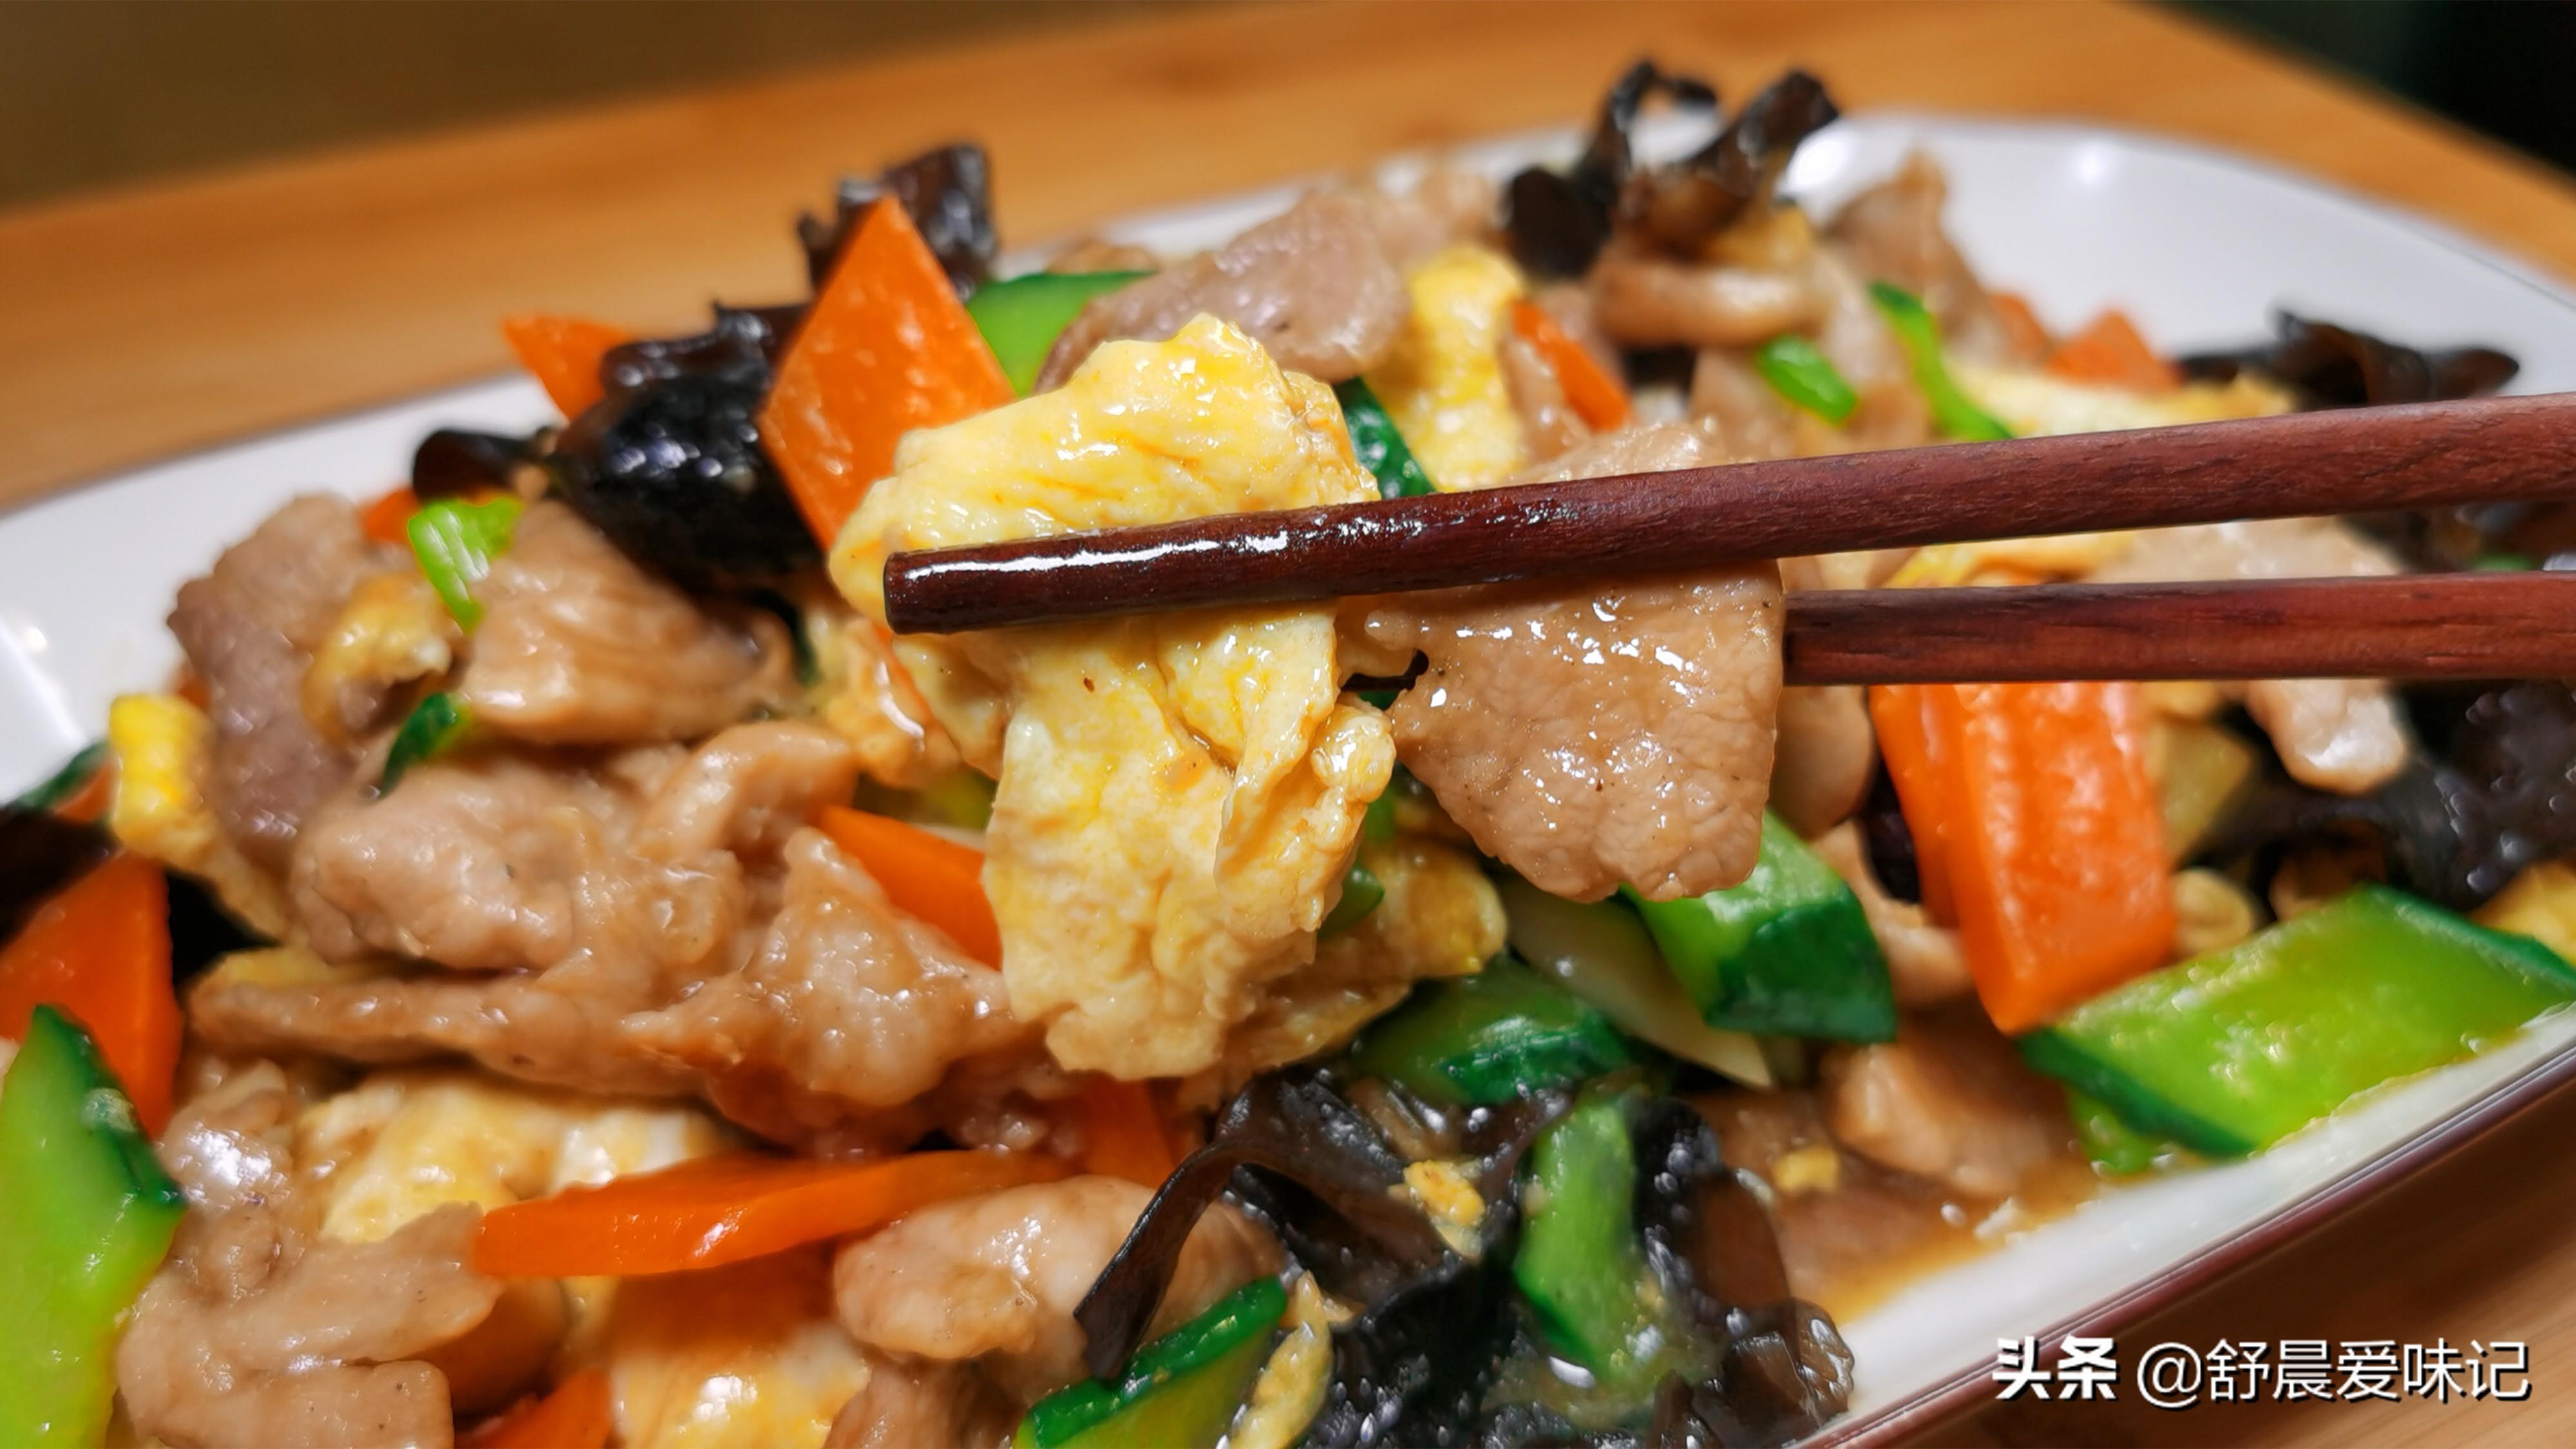 木须肉的家常做法,营养高,味道棒,老婆三天两头点名吃,真香 第2张